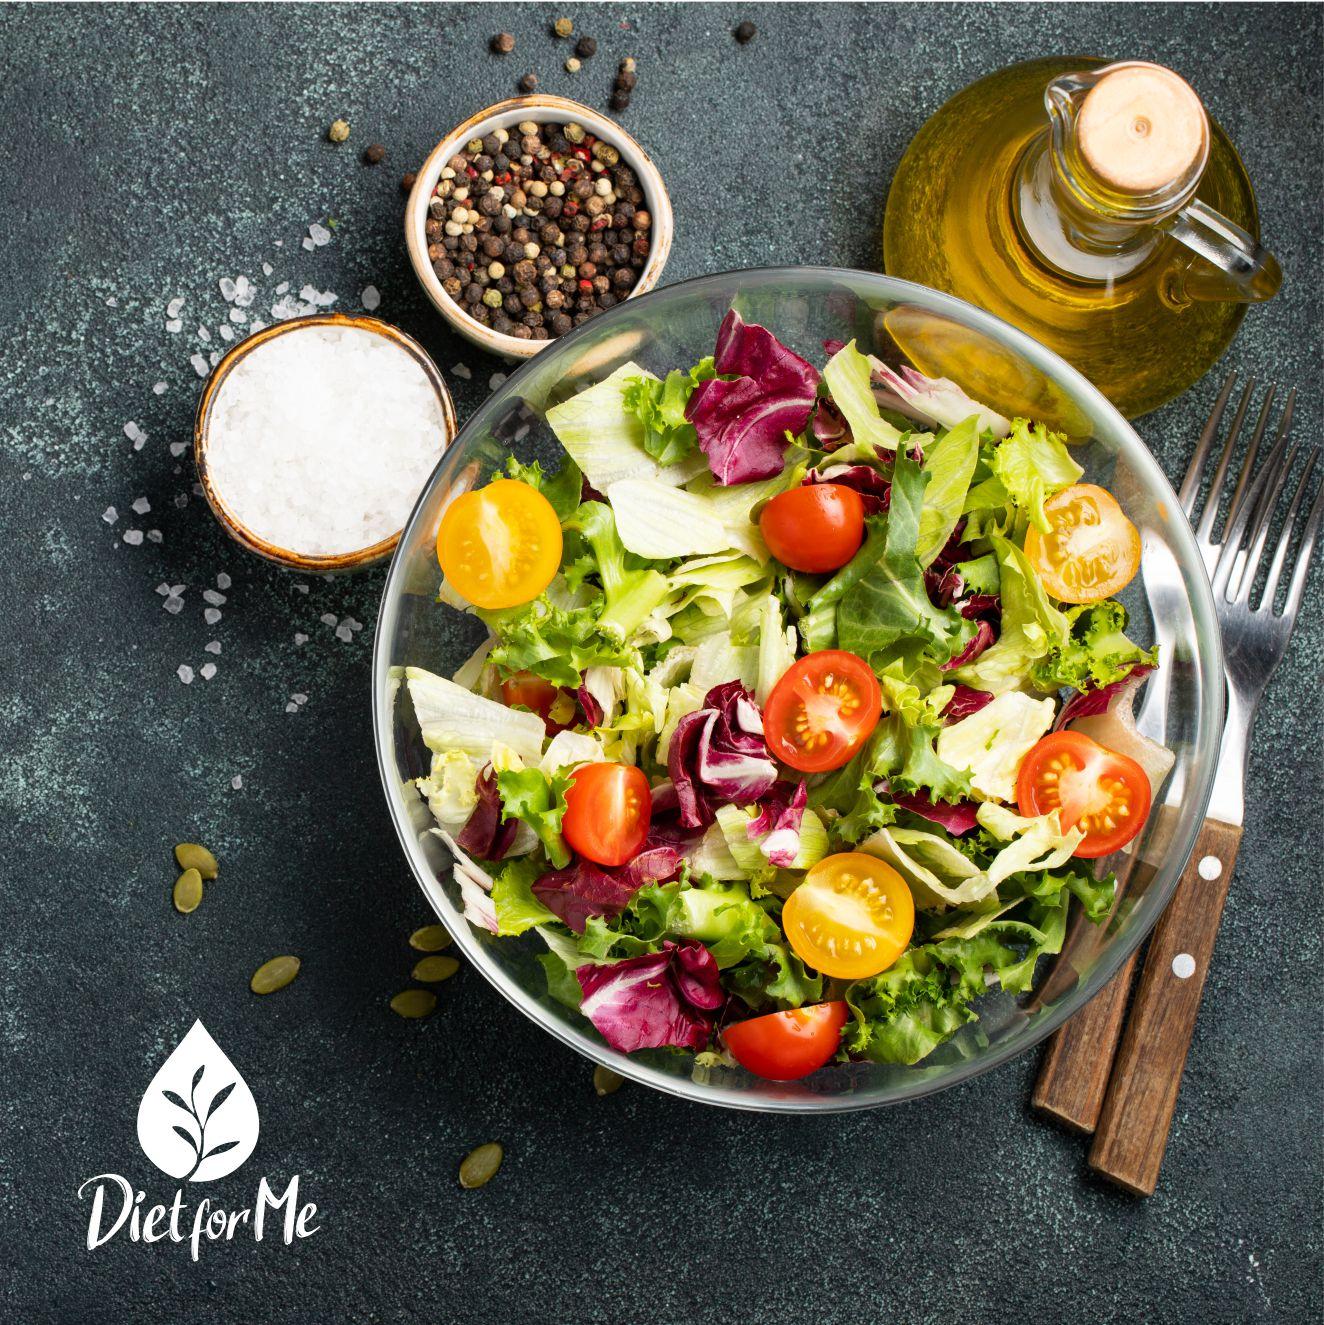 Προσθέστε τη σαλάτα στη διατροφή σας